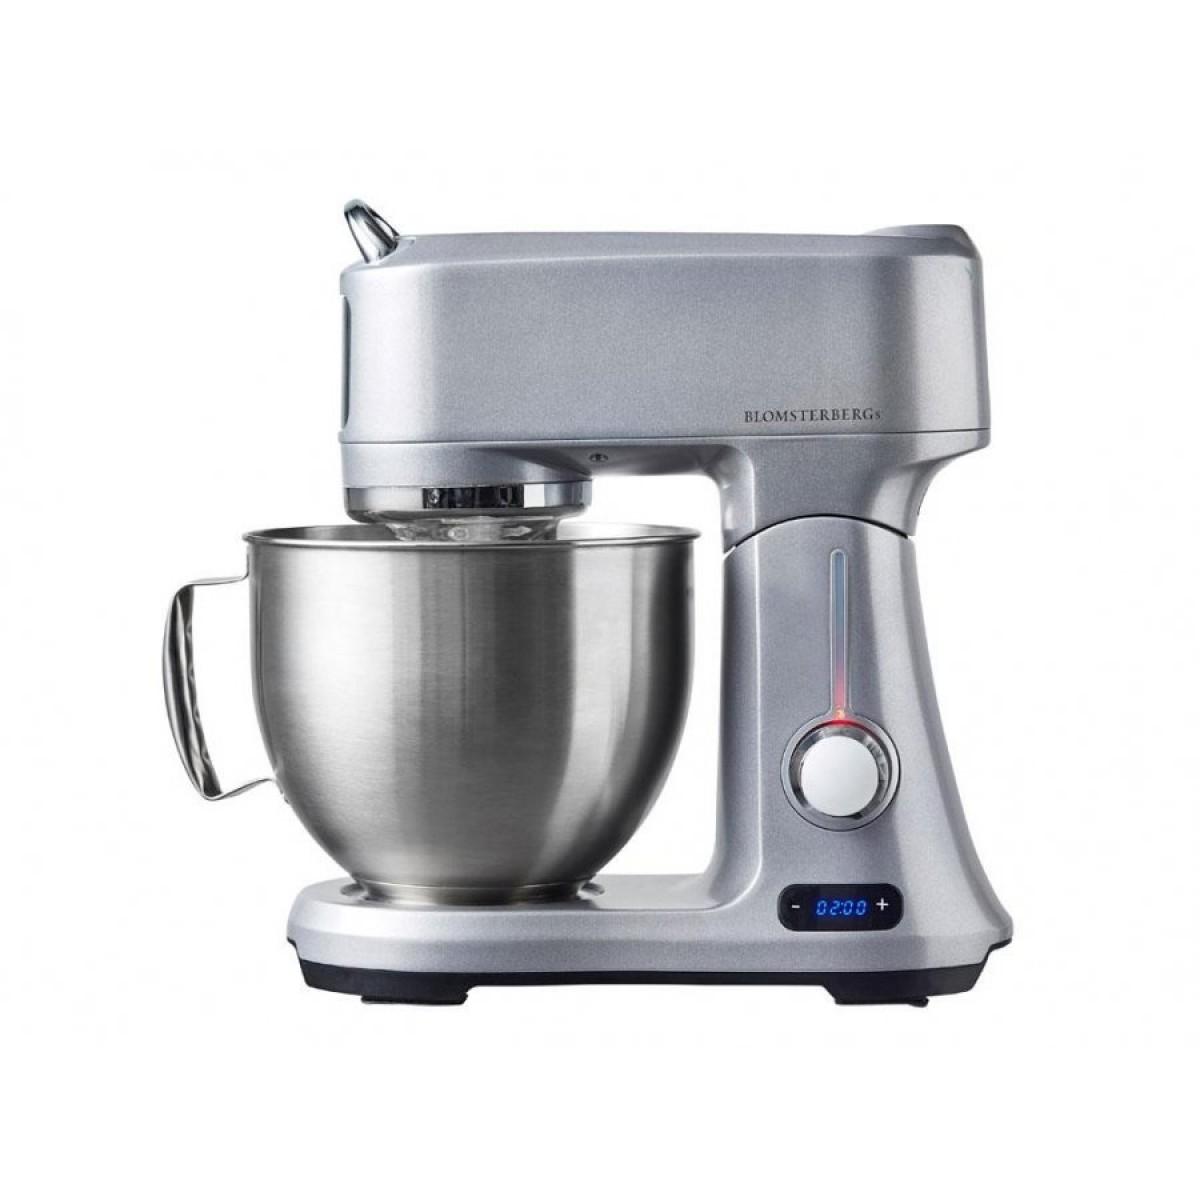 BLOMSTERBERGS Køkkenmaskine sølv